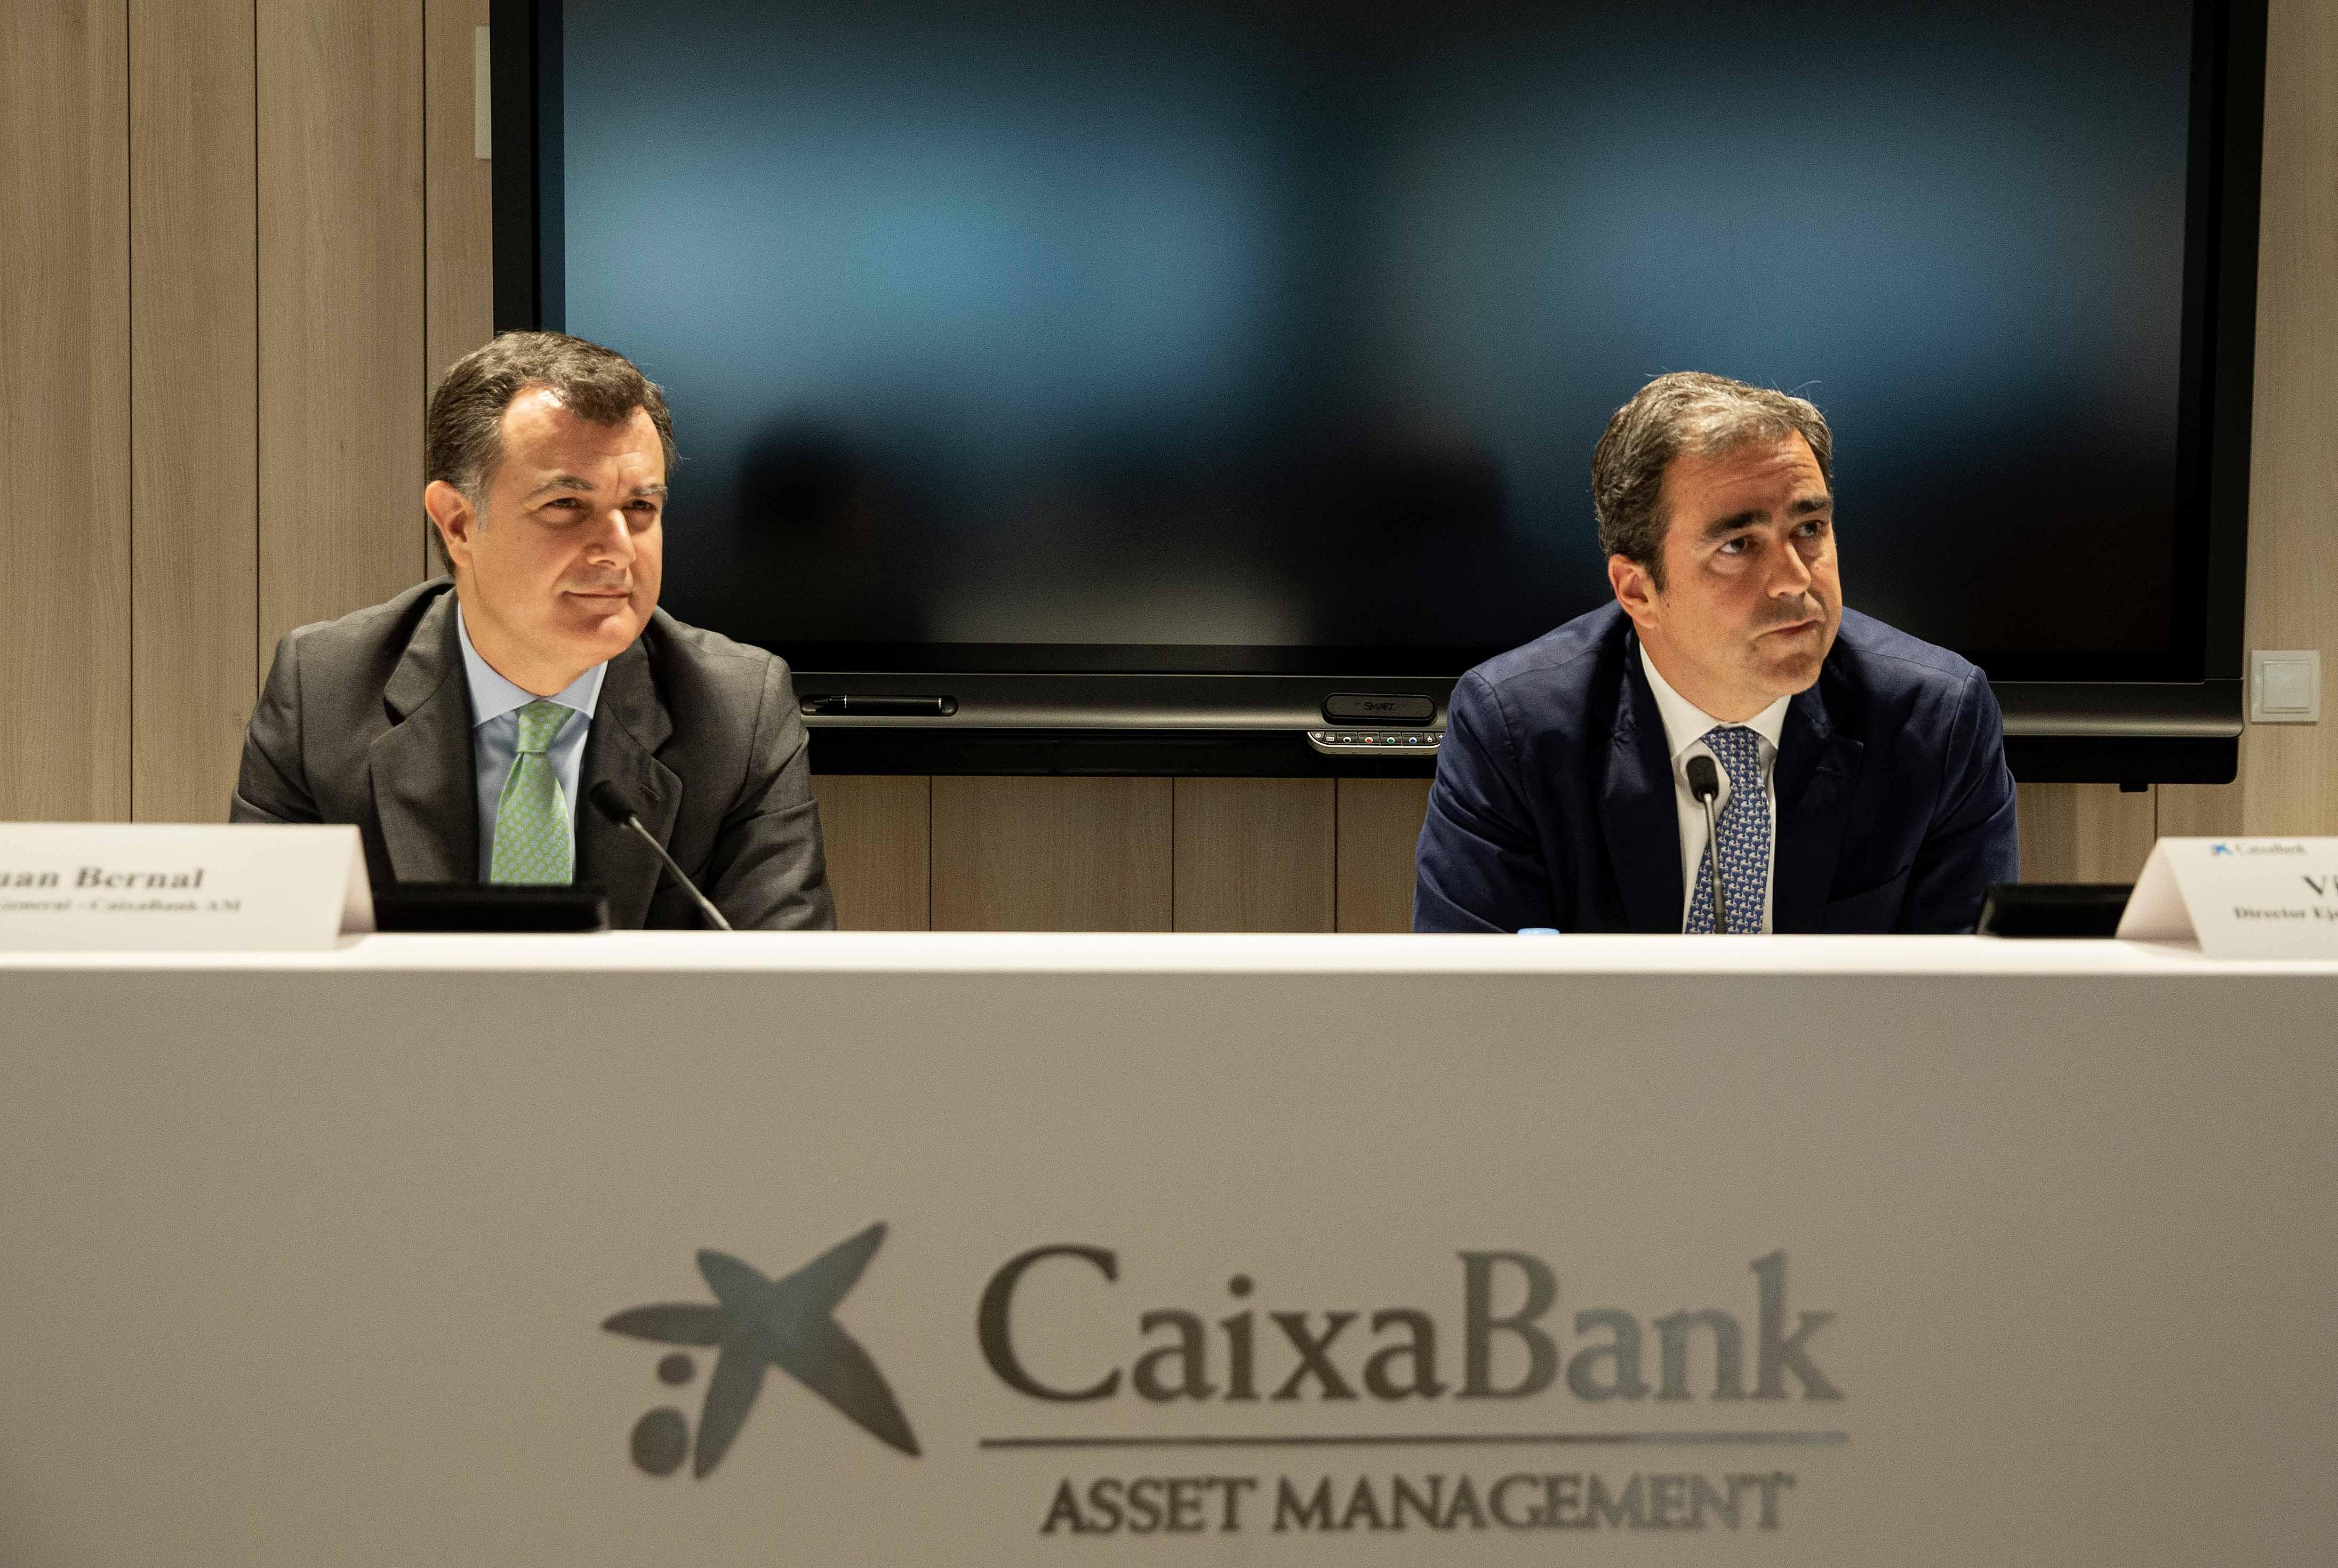 Caixabank fondos internacionales